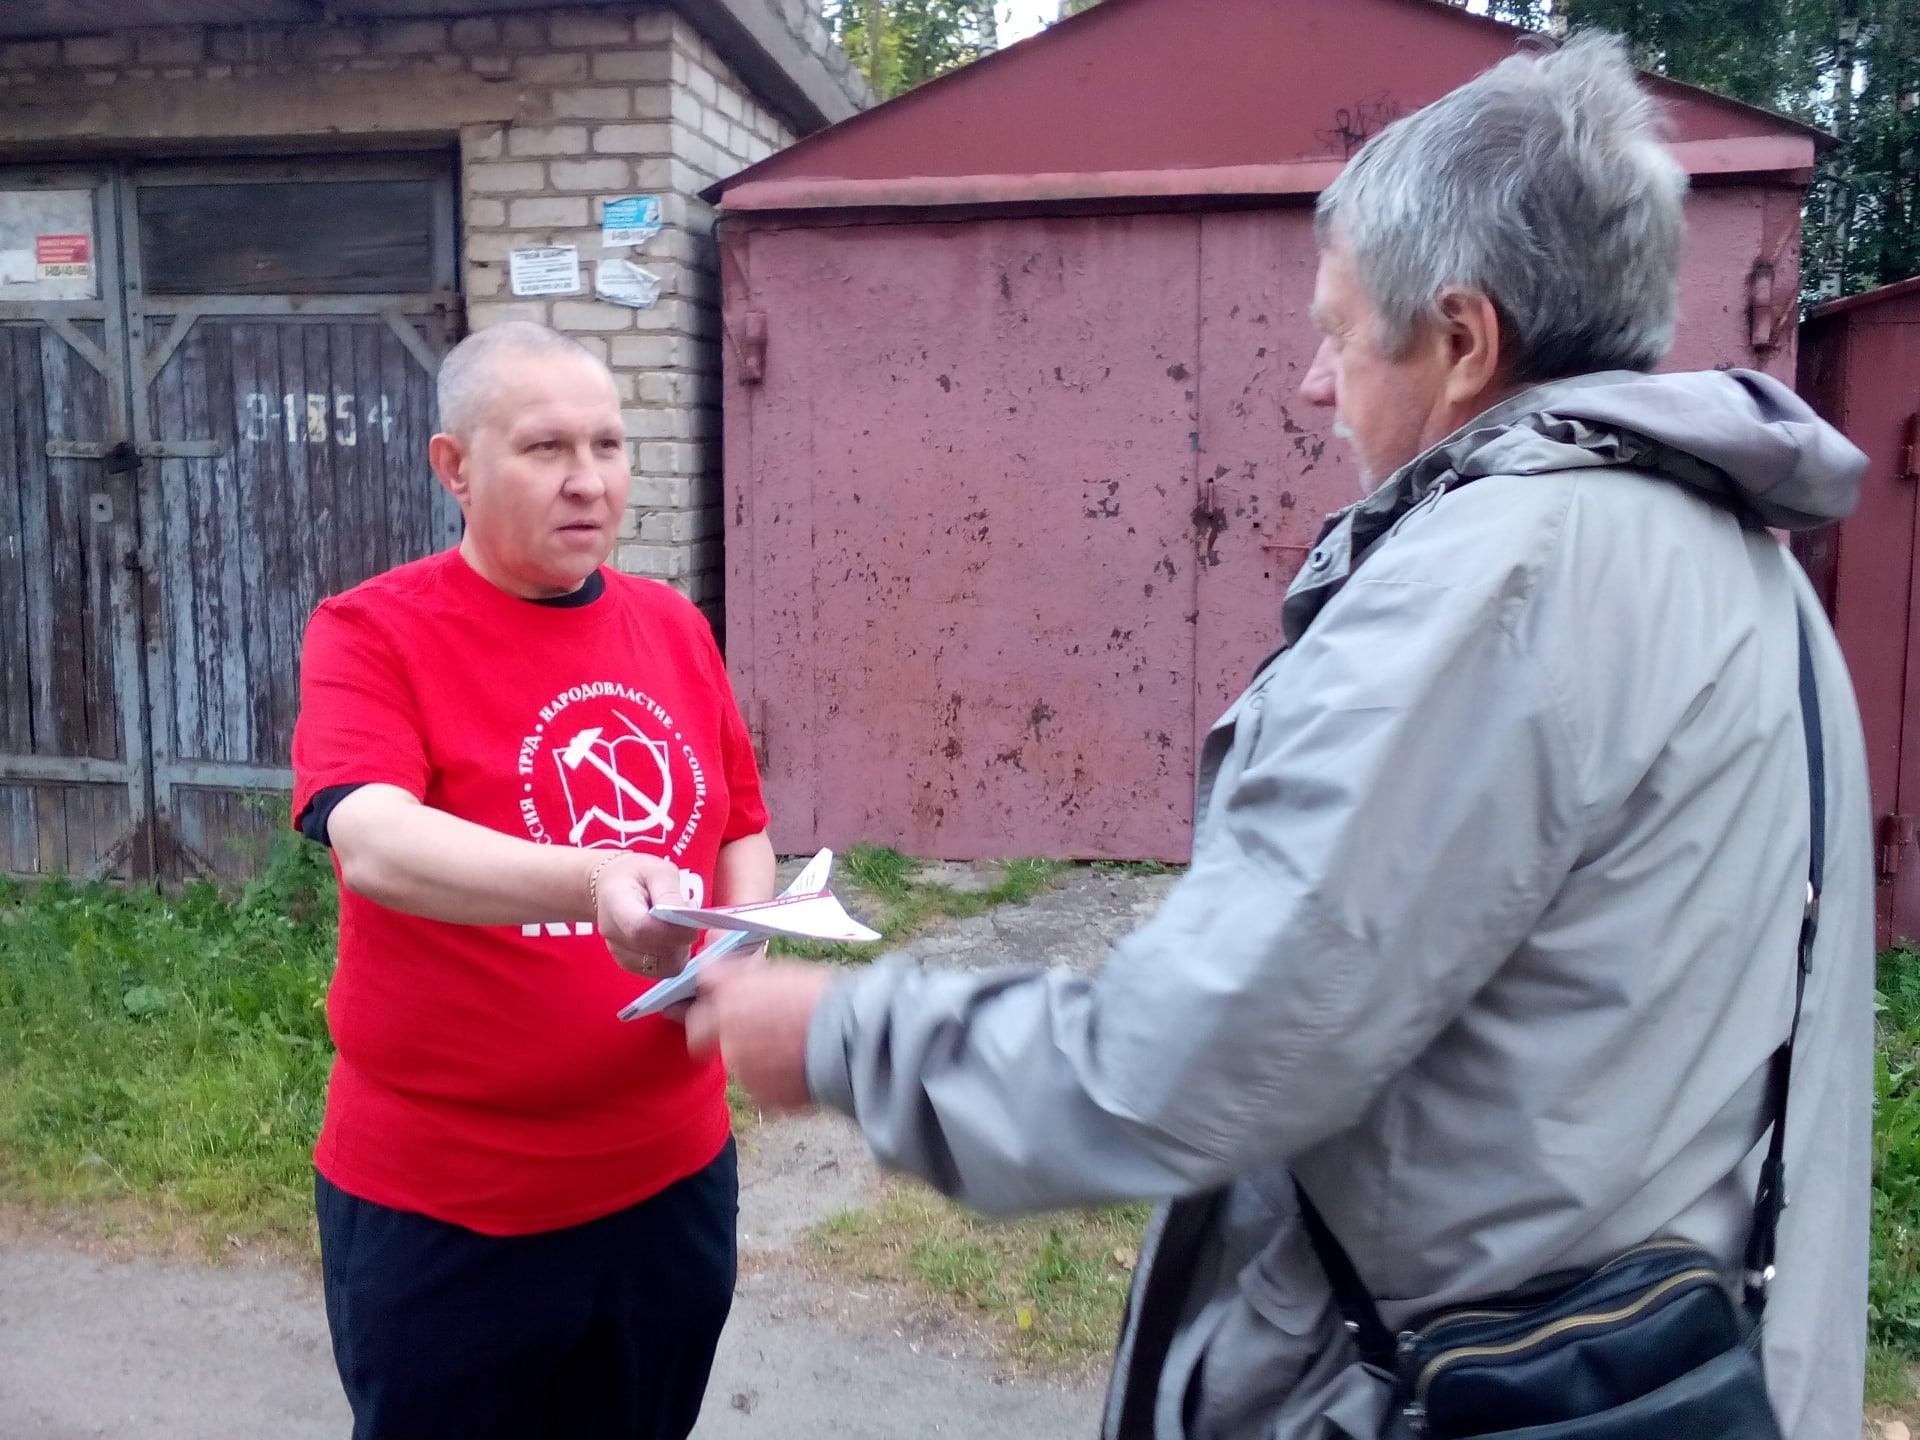 Во Фрунзенском районе продолжается агитация за кандидата КПРФ в Госдуму